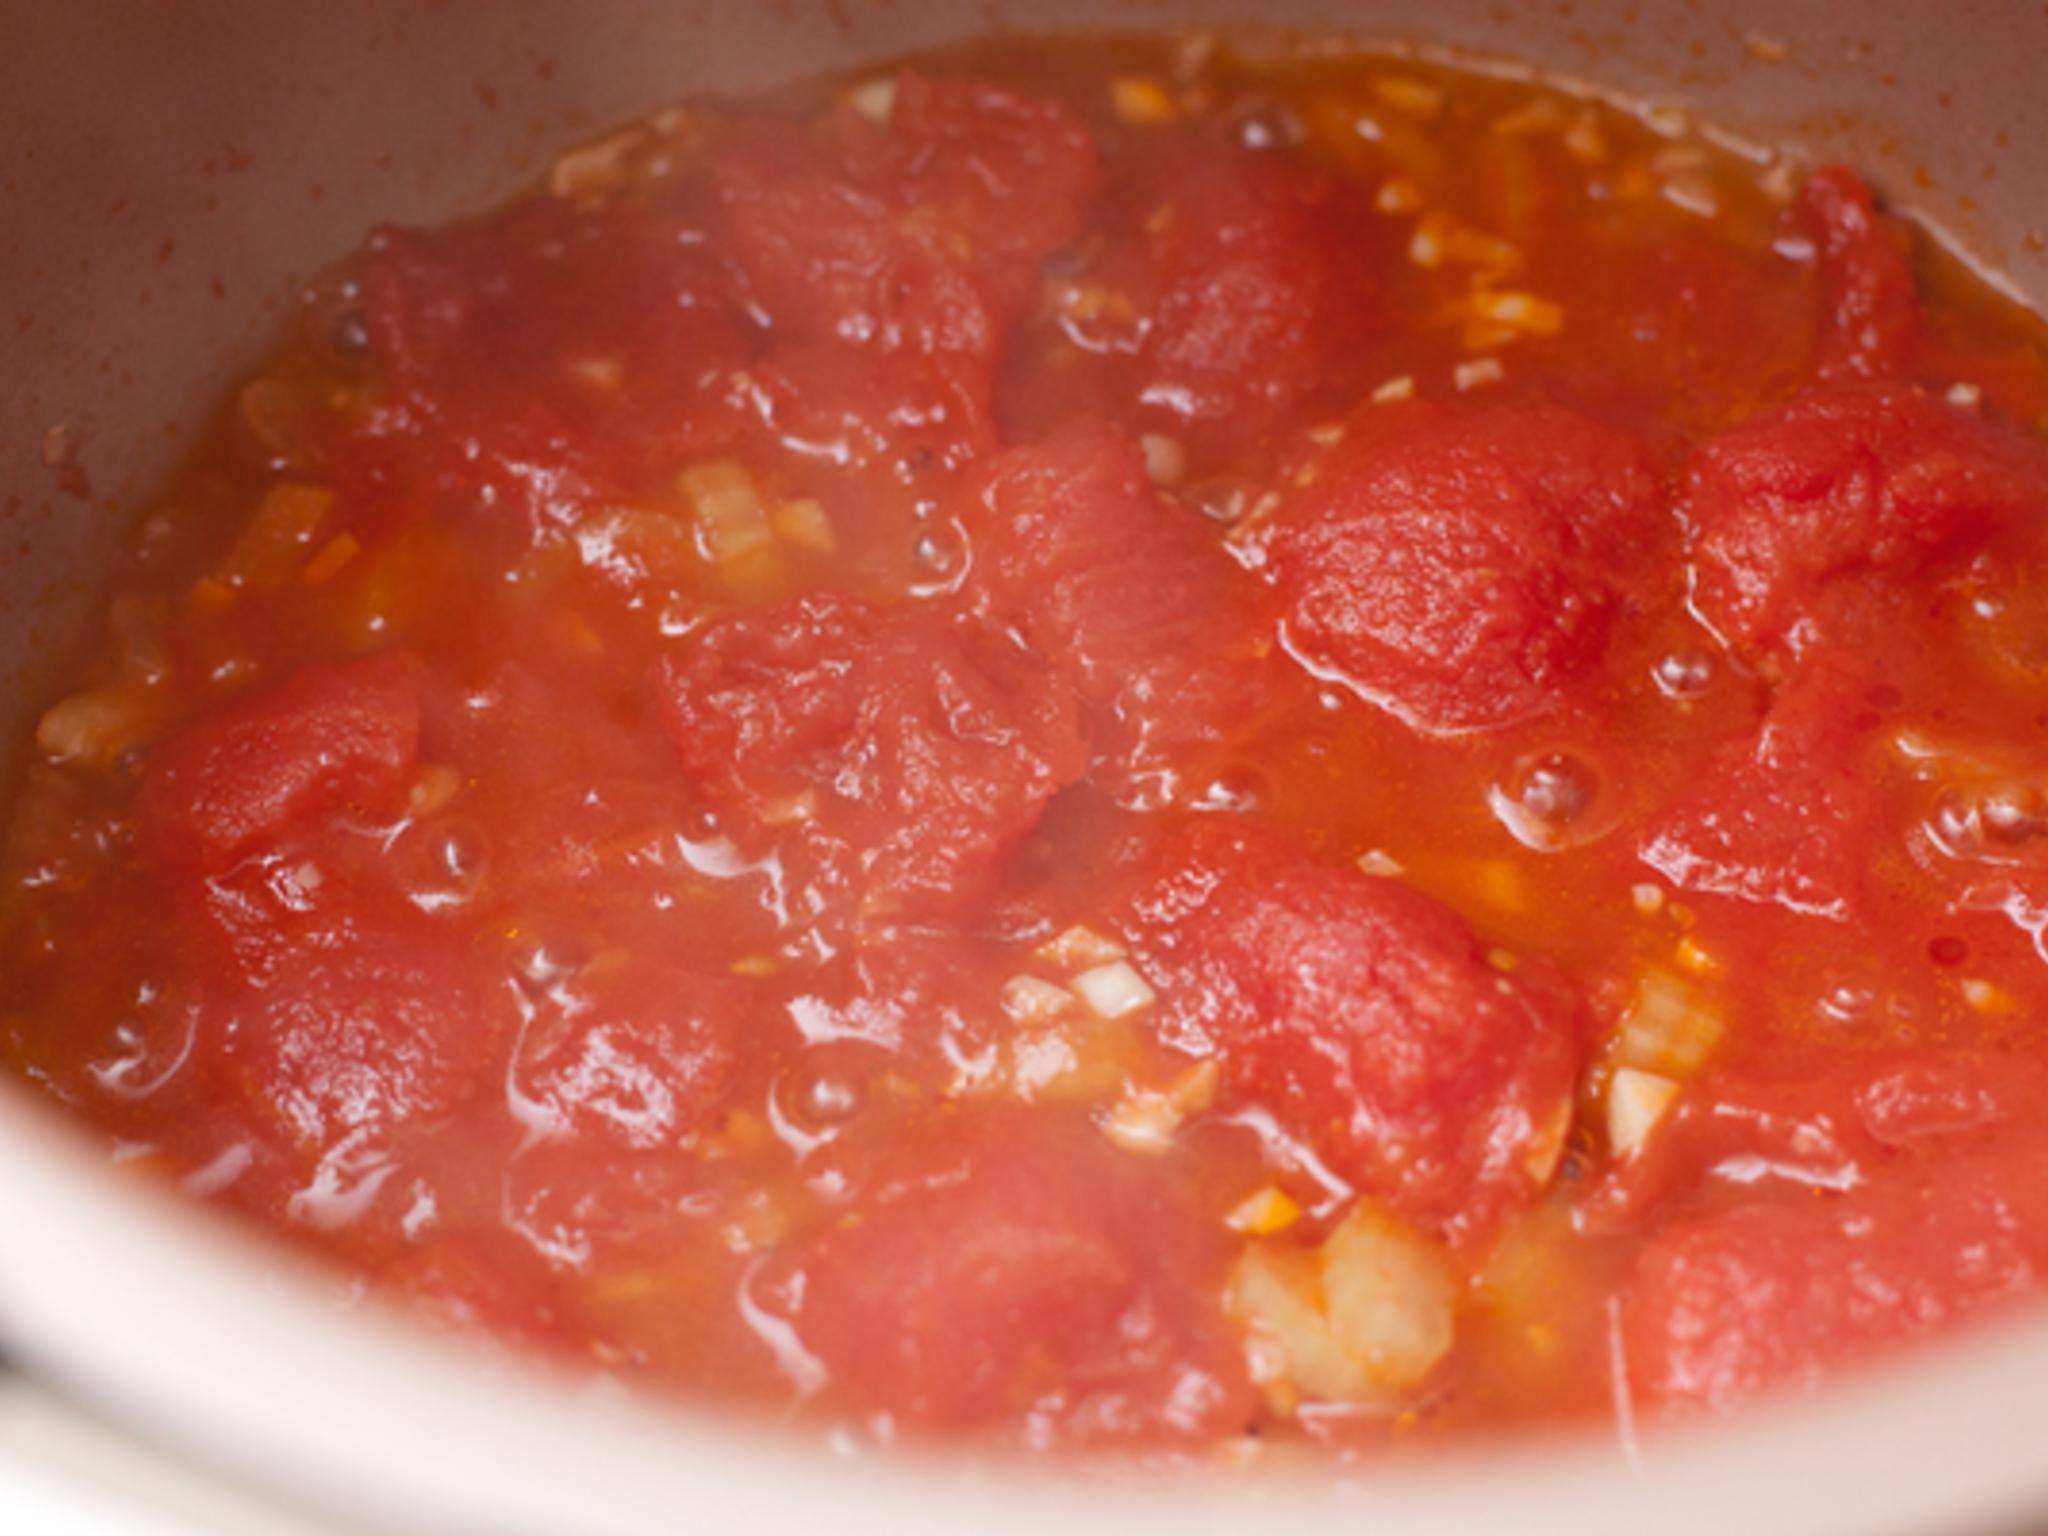 Рецепт тефтелей с перловкой в томатном соусе пошагово